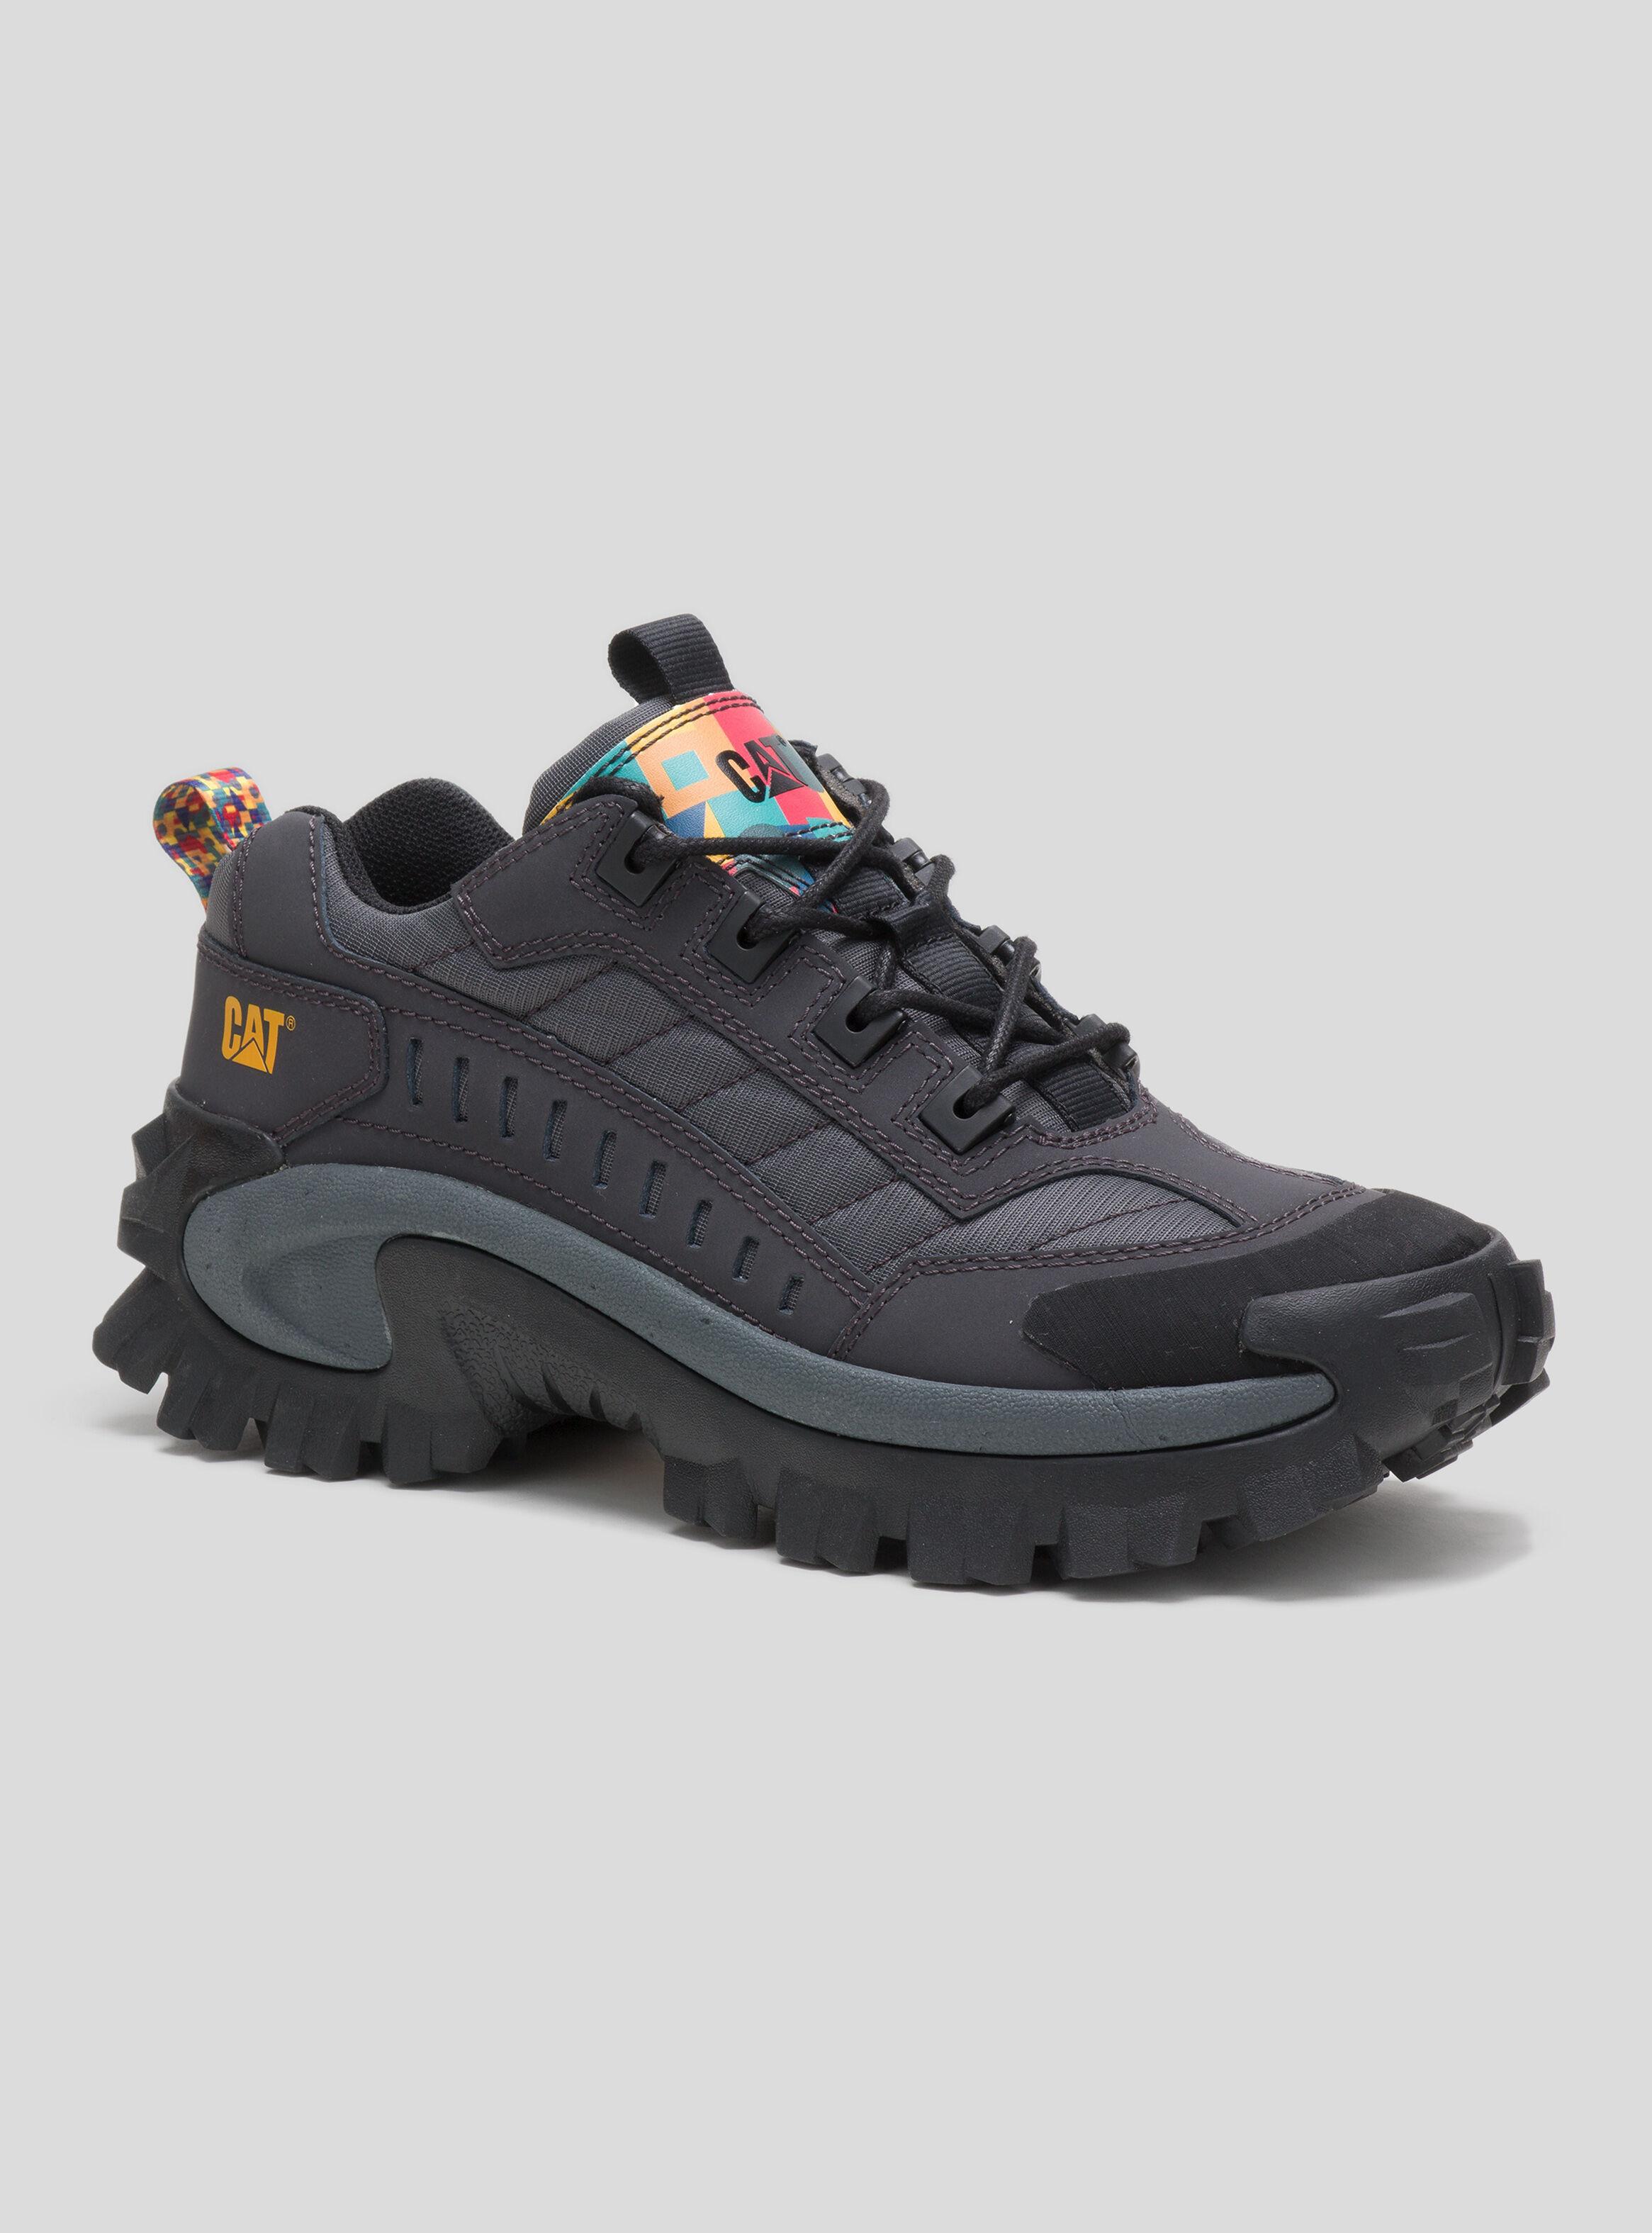 zapatos merrell hombre paris colombia